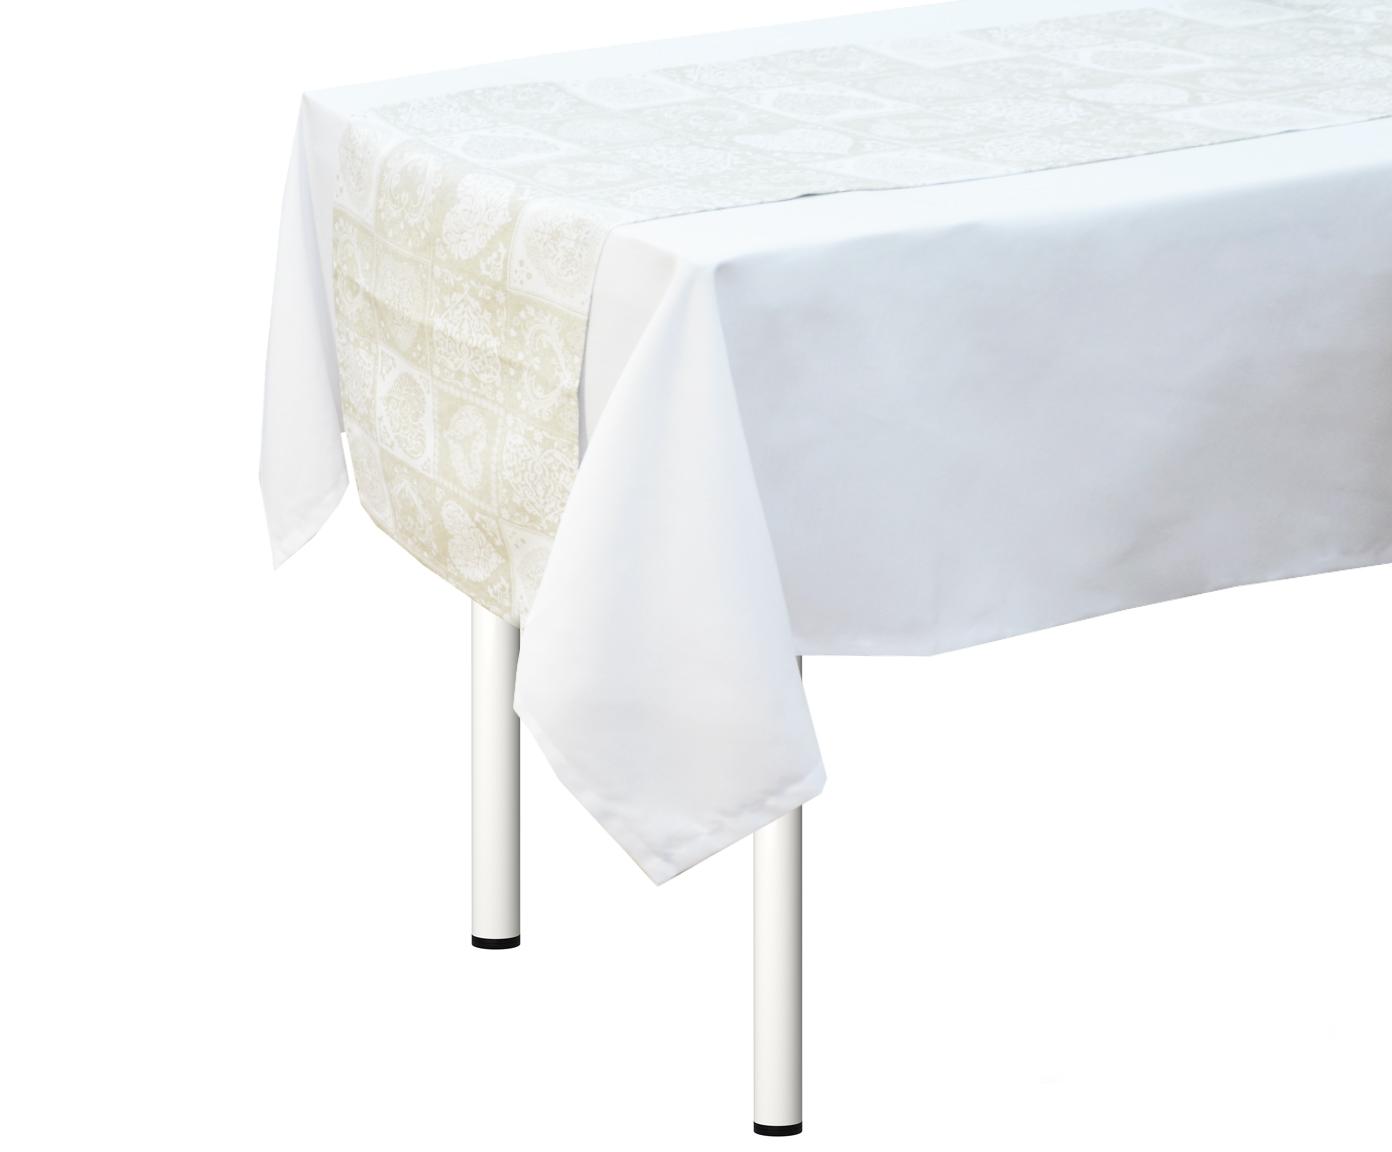 Дорожка на стол Amore biancoСкатерти<br>Скатерть узкая на стол. Подойдет для романтического стиля и настроения. Яркий дизайн. Ткань прочная ,износоустойчивая.<br><br>Material: Хлопок<br>Length см: 40<br>Width см: 170